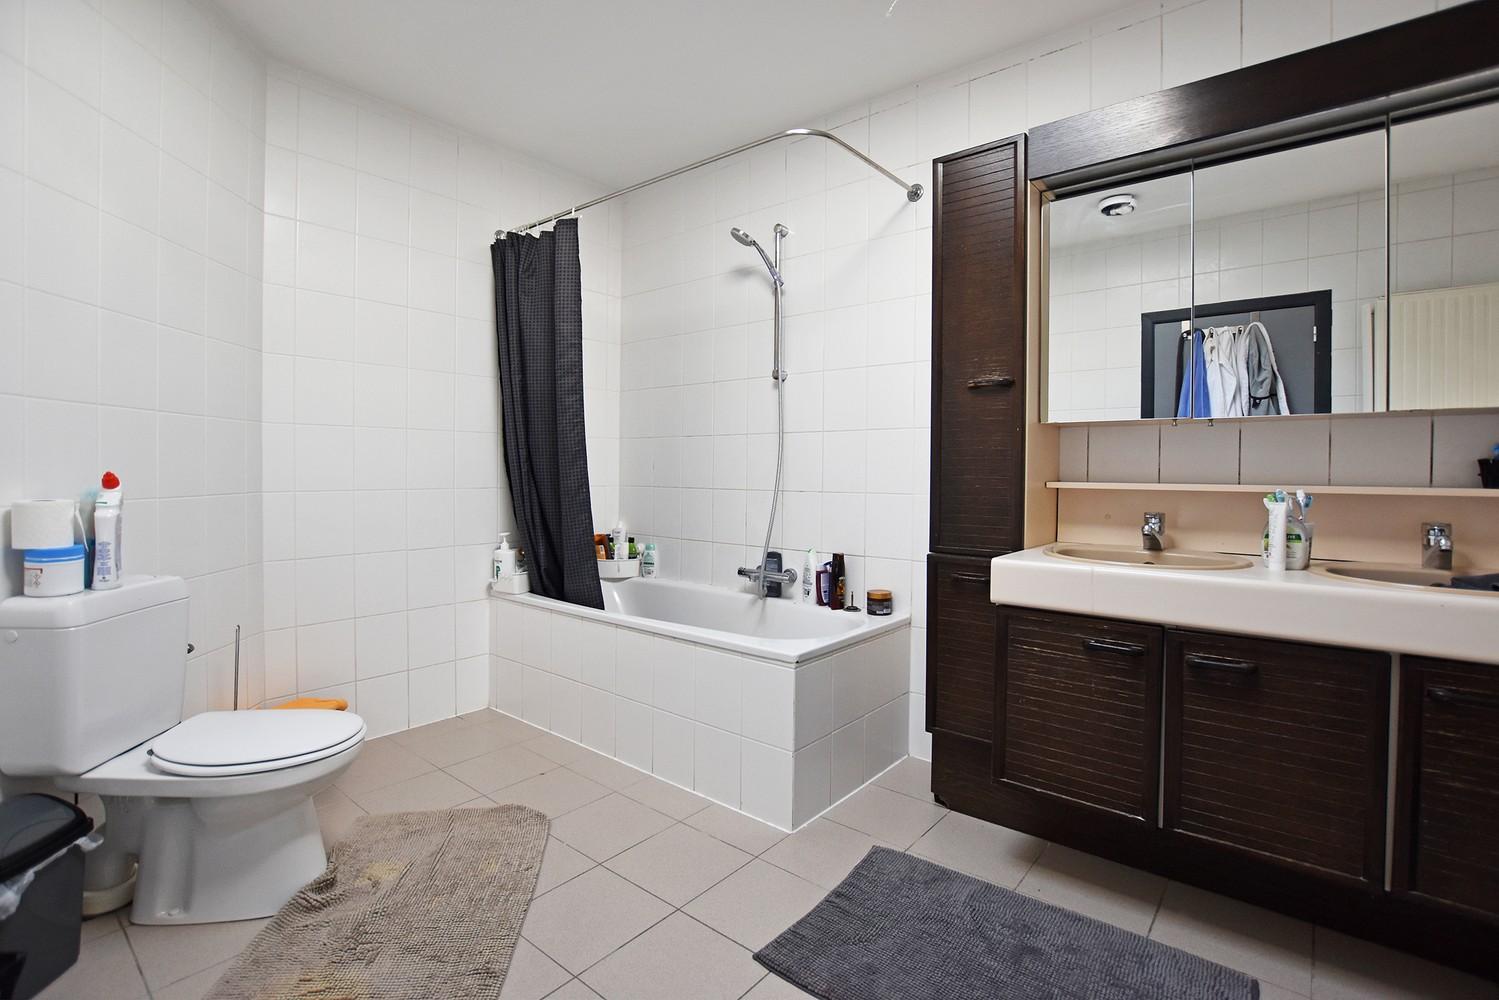 Woning/duplex-appartement met drie slaapkamers en een riant terras. afbeelding 11